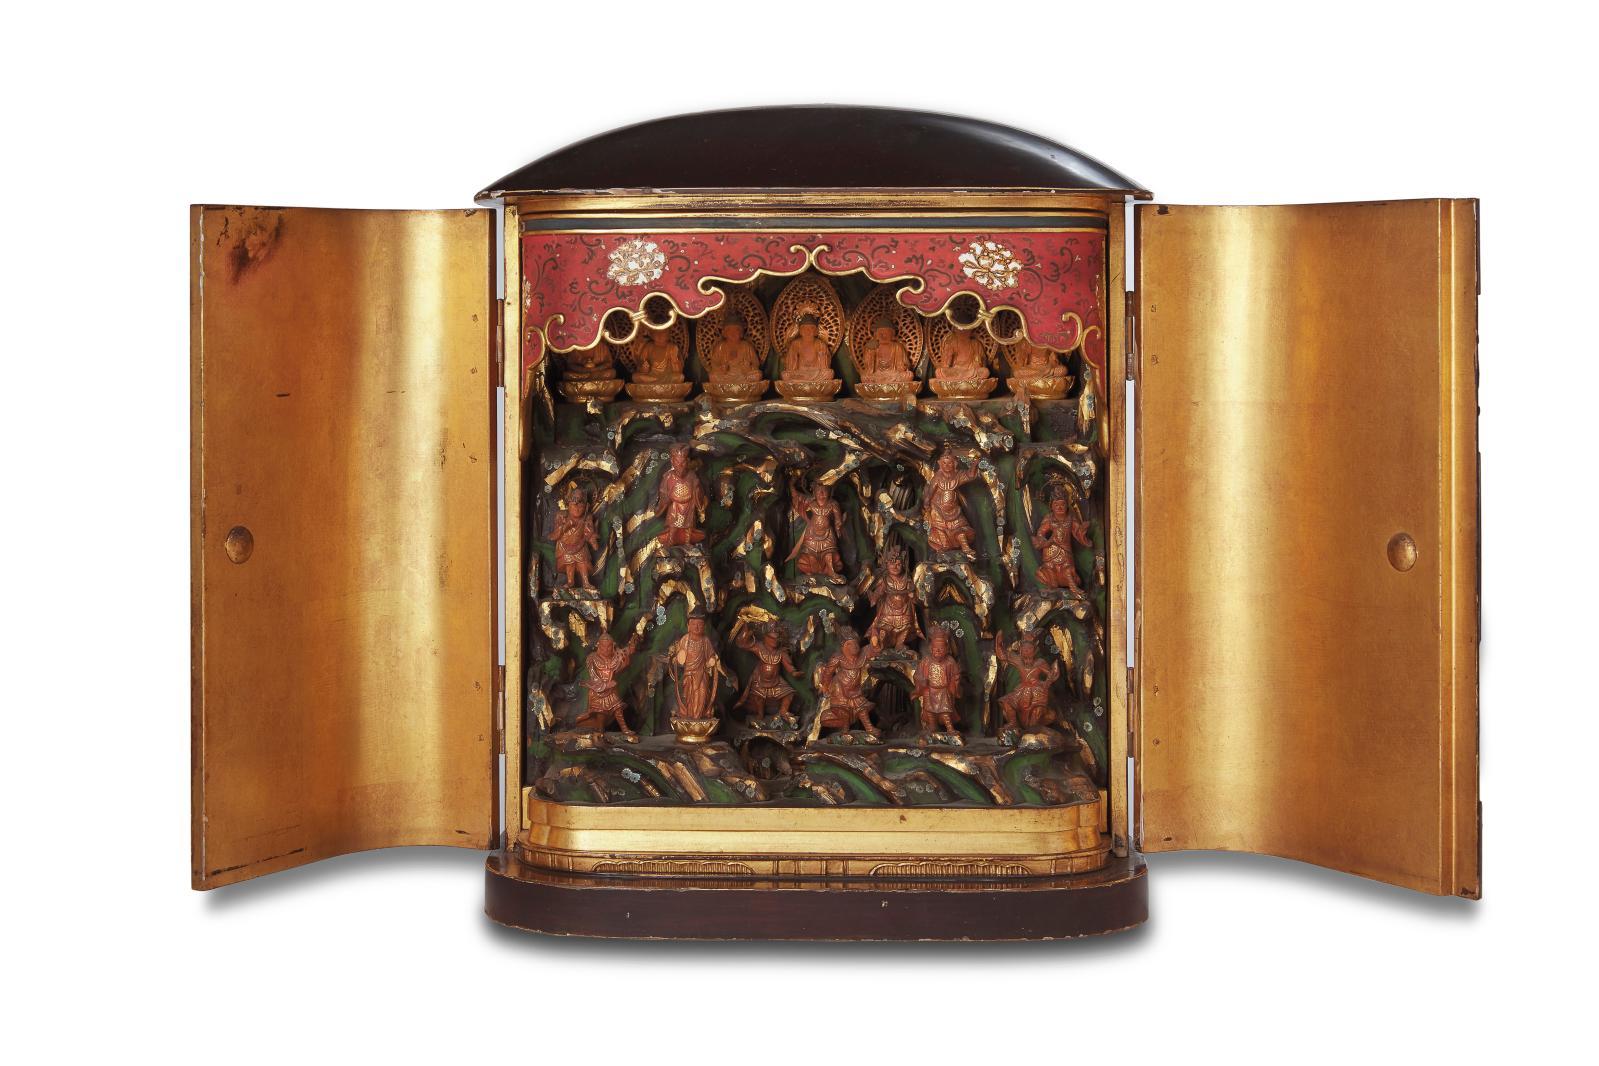 Au Japon, la mémoire des ancêtres se doit d'être honorée. Les premiers et les derniers moments de la journée sont ainsi traditionnellement